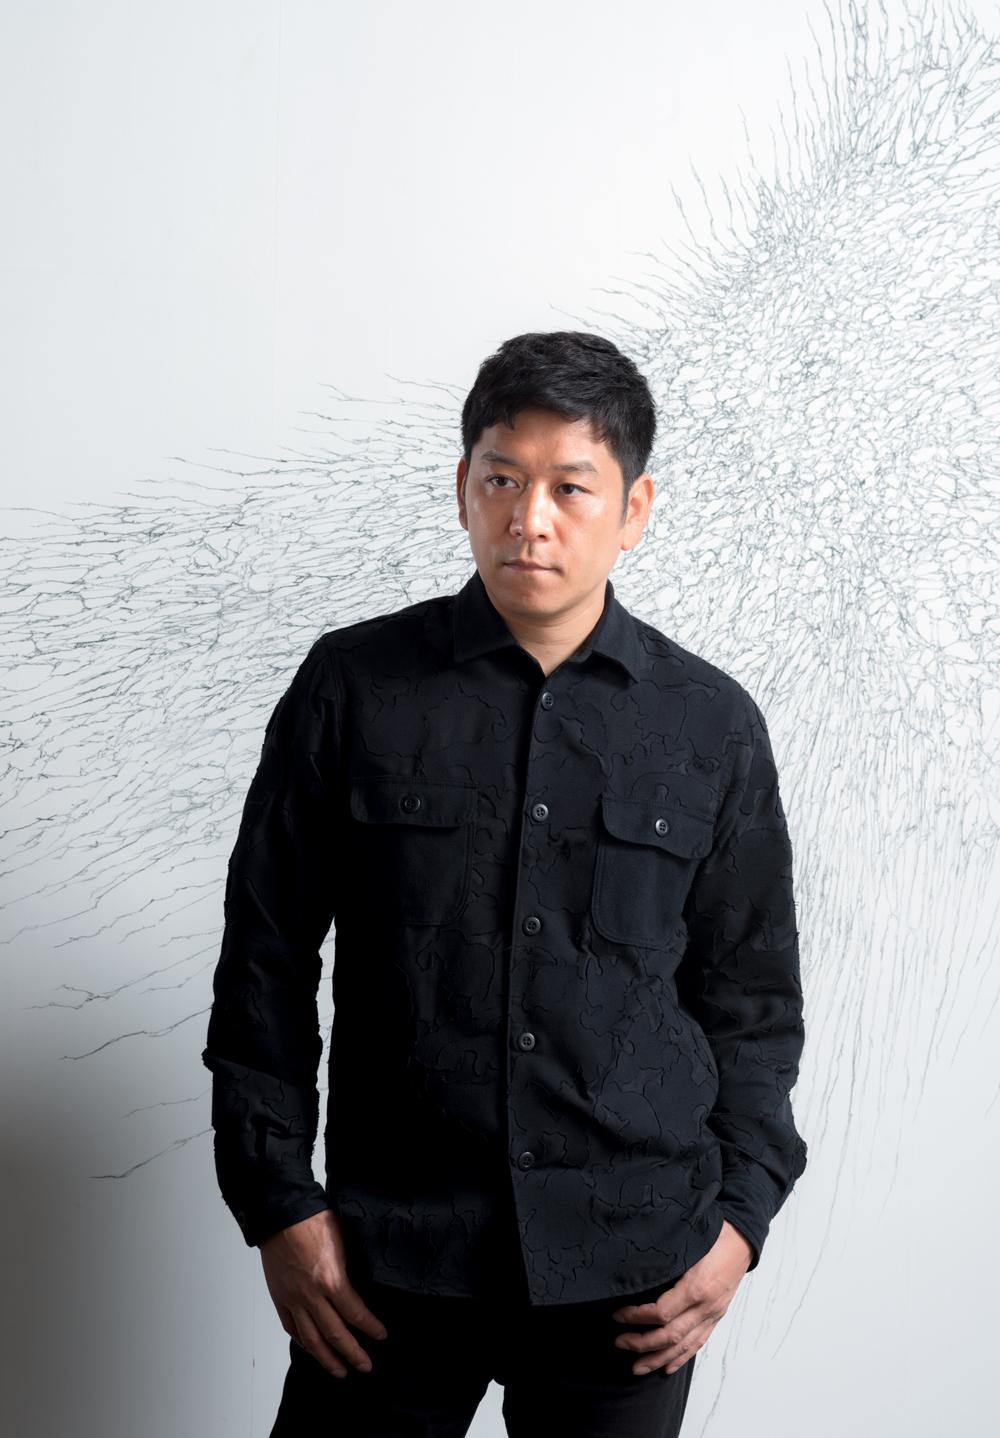 日本の現代アート界を牽引する彫刻家 名和晃平がアーティスト支援 ...